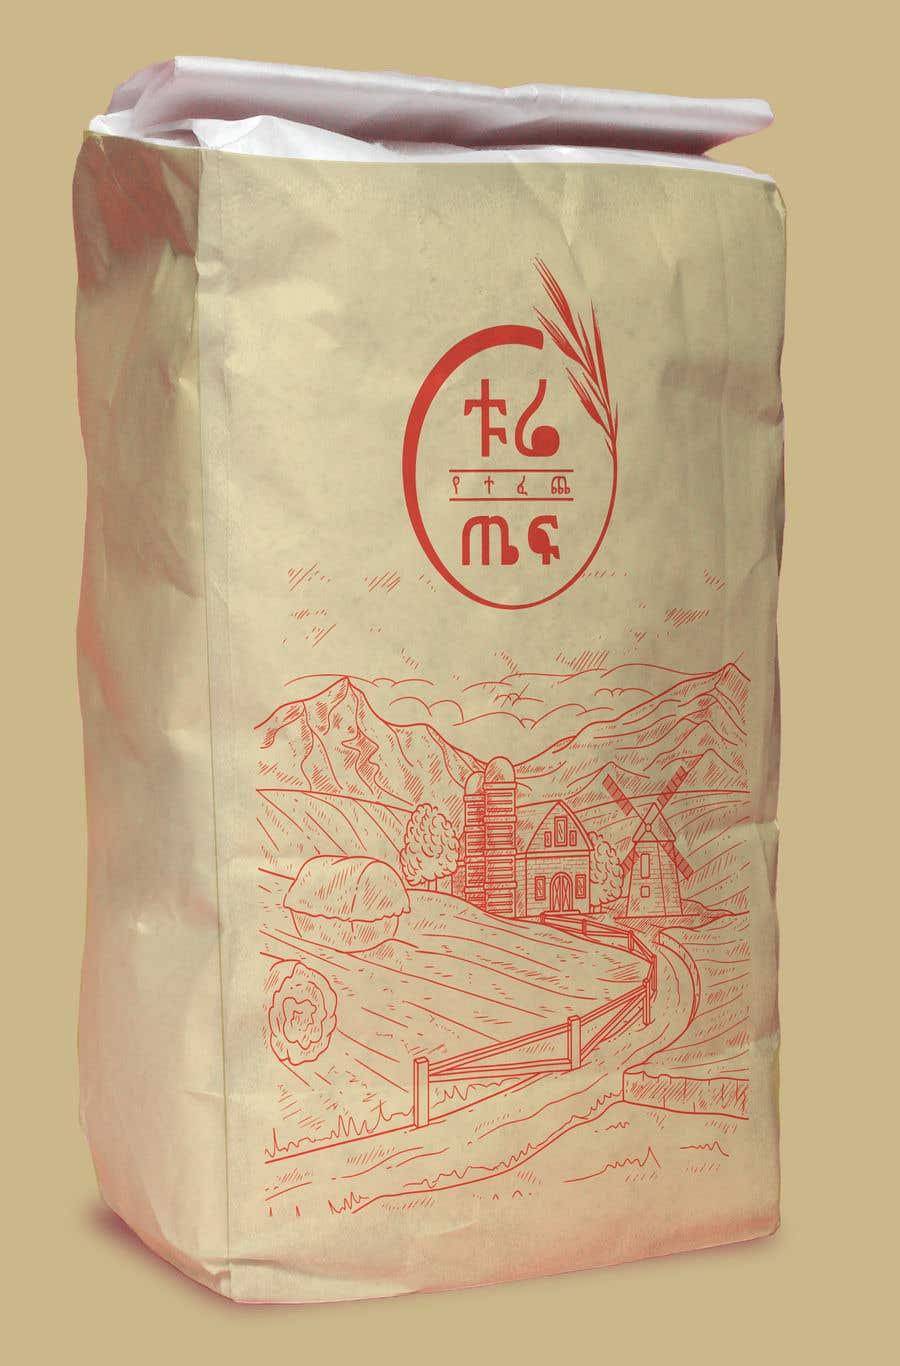 Penyertaan Peraduan #63 untuk Packaging for Teff flour.